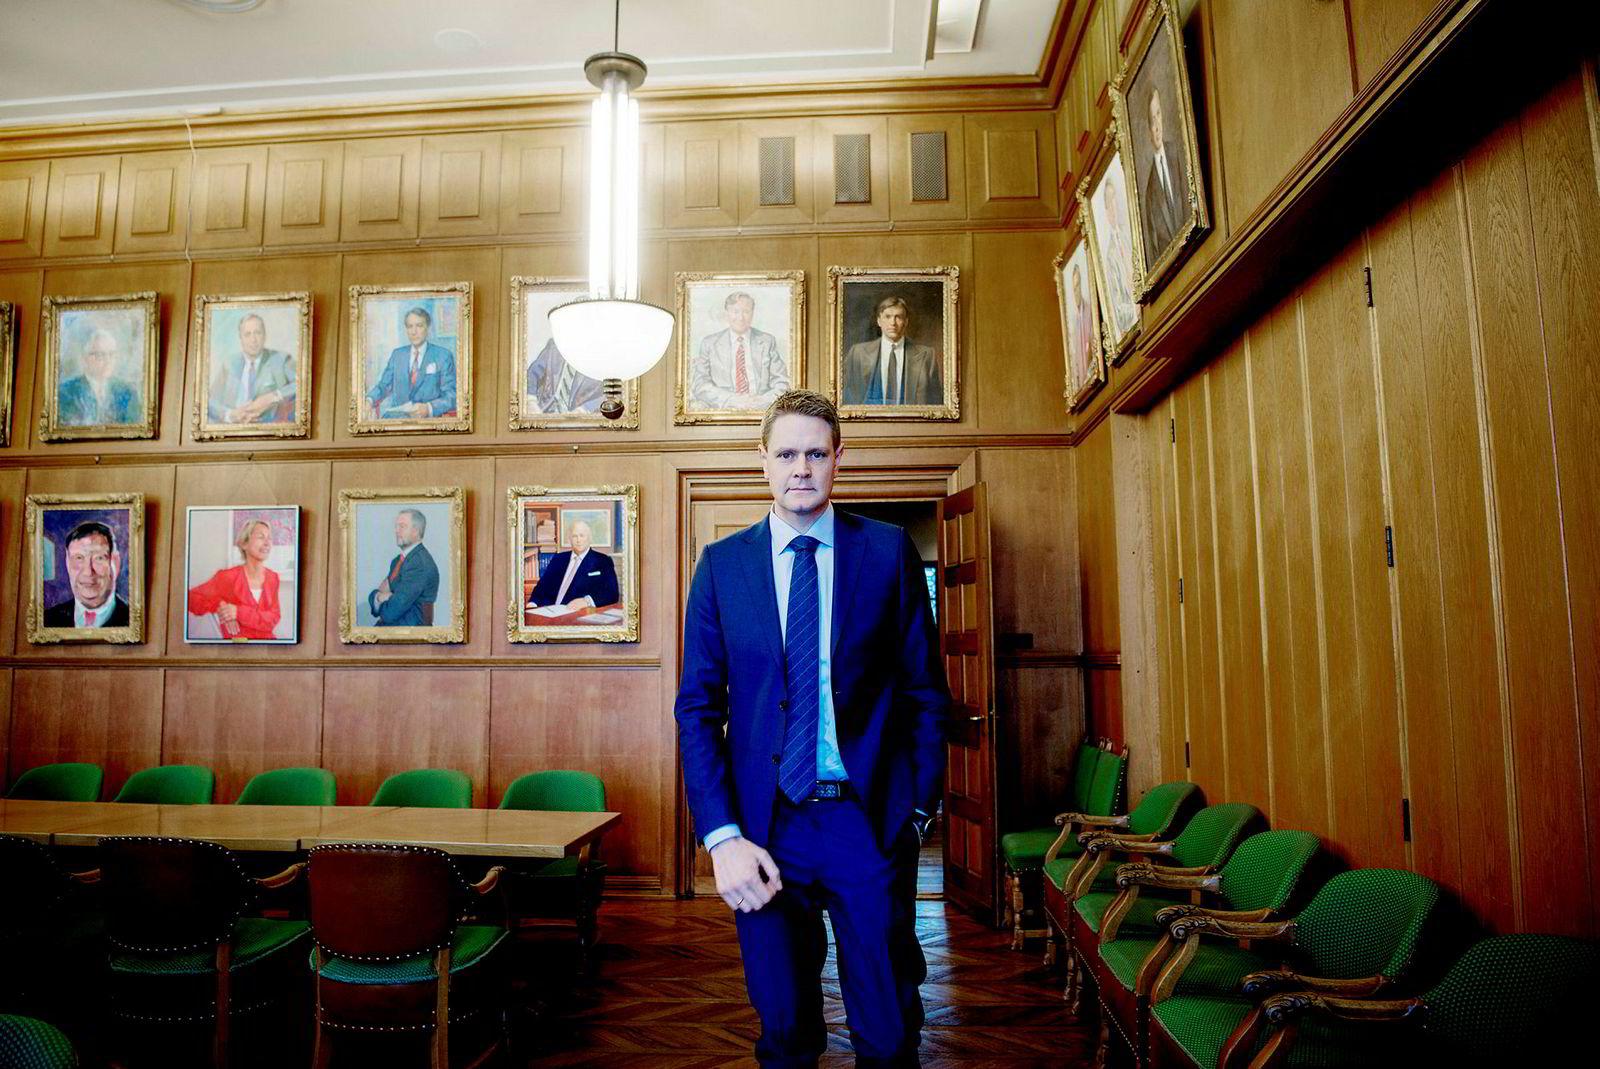 – Det vil ikke fungere i praksis, sier Harald Solberg i Norges Rederiforbund om nye regler som pålegger bedriftene å samle inn bruk av bonuspoeng på fly, hotell og leiebil.